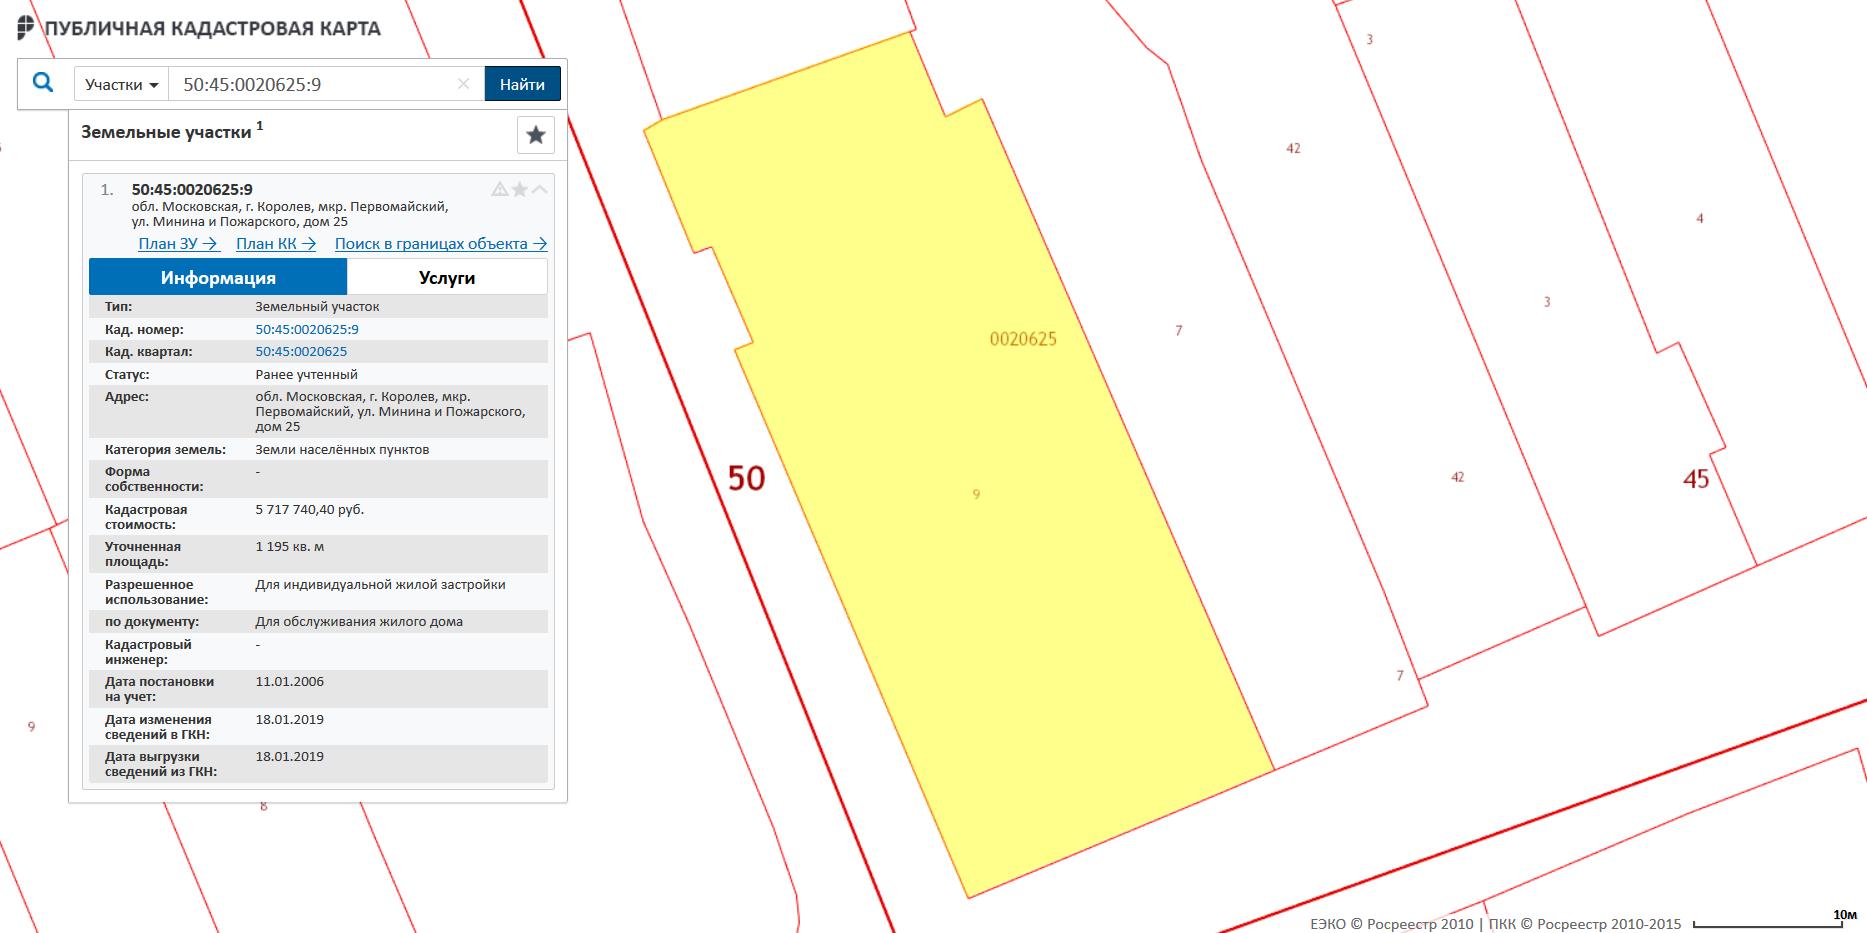 После внесения сведений в ЕГРН данные об объекте можно посмотреть на Публичной кадастровой карте.